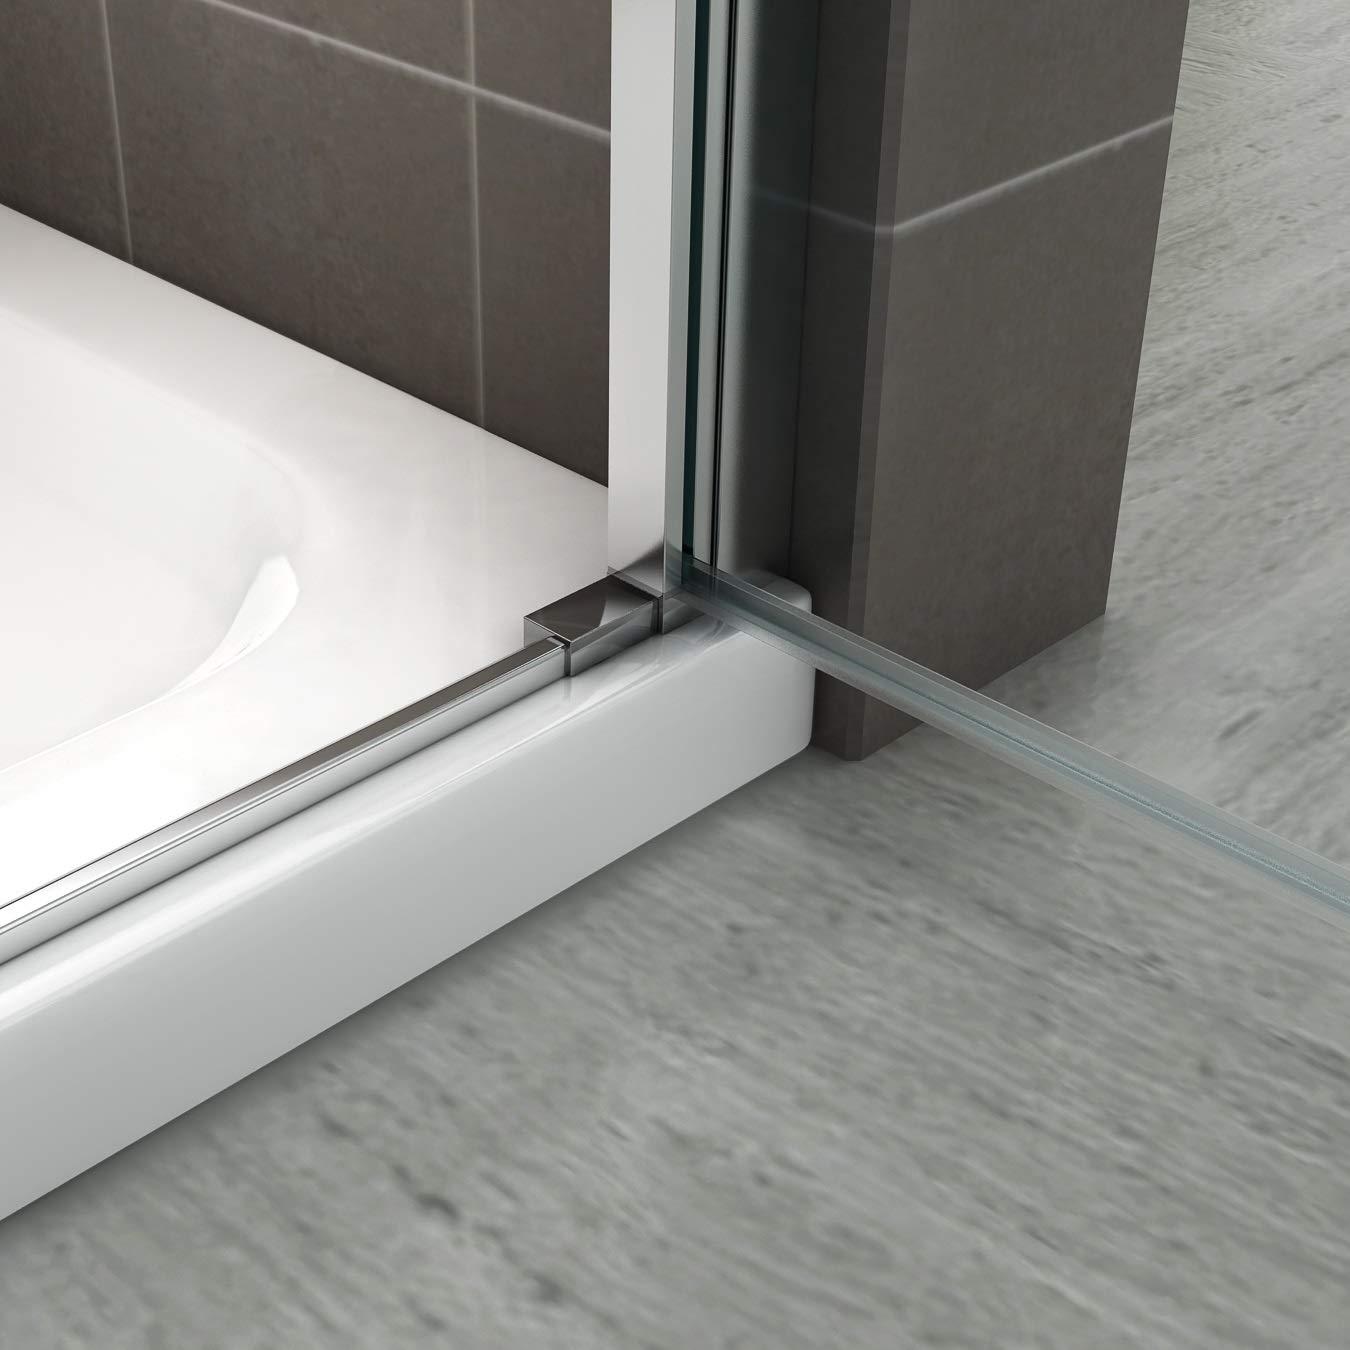 H/öhe: 185 cm NC i-flair Duscht/ür 89x185 cm Verstellbereich von 89-92 cm Duschabtrennung aus 6 mm durchsichtigem ESG Sicherheitsglas mit Nanobeschichtung und Edelstahlgriffe